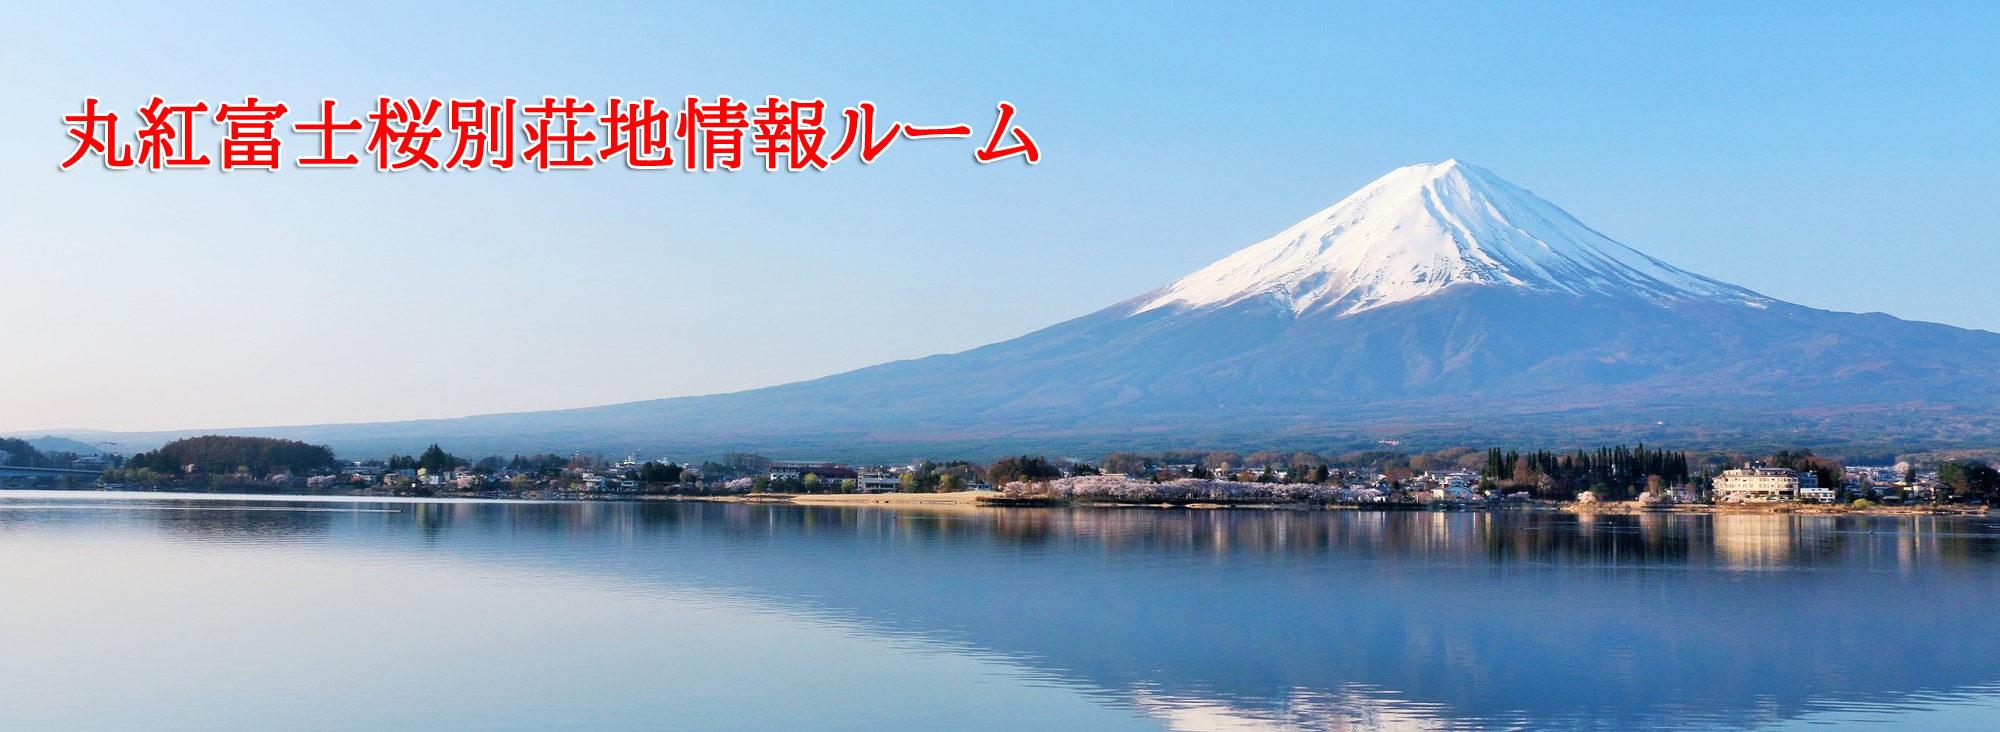 丸紅富士桜別荘地情報ルーム